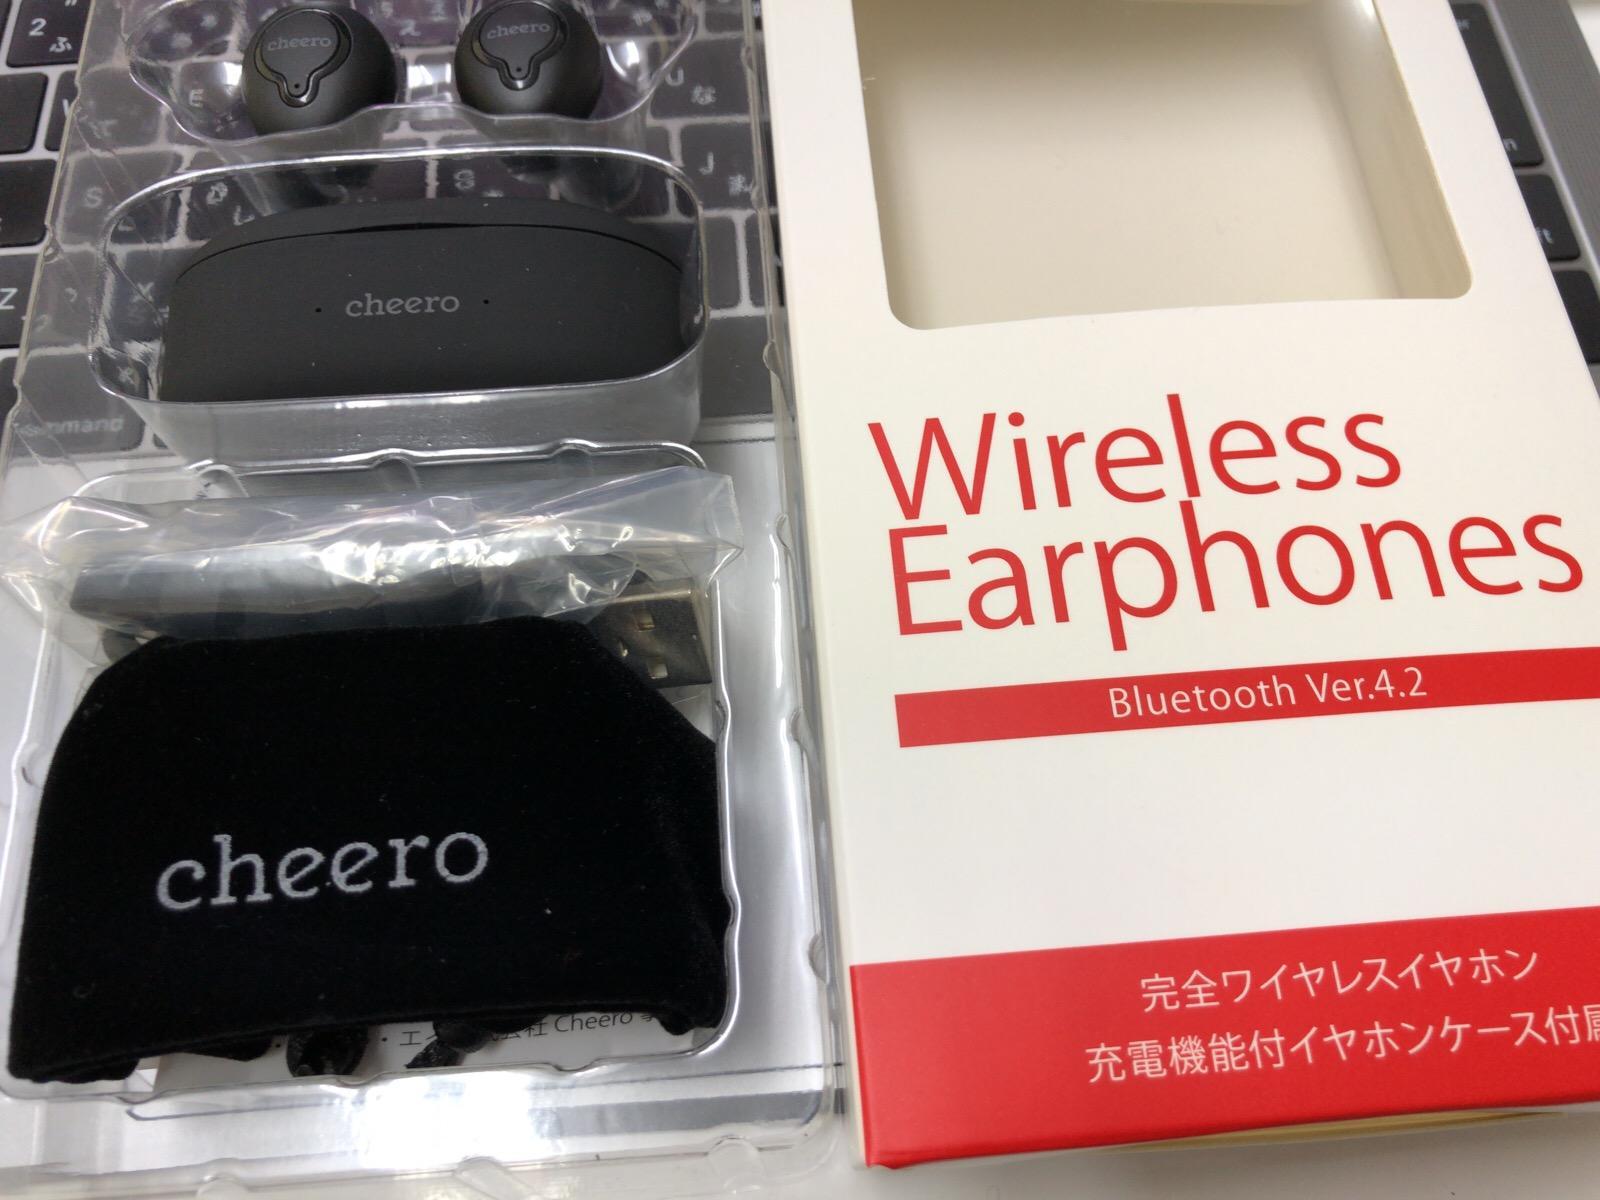 https://blogs.itmedia.co.jp/tooki/fb39489382b67318060f42b052aa09e0b1a29ca4.JPG